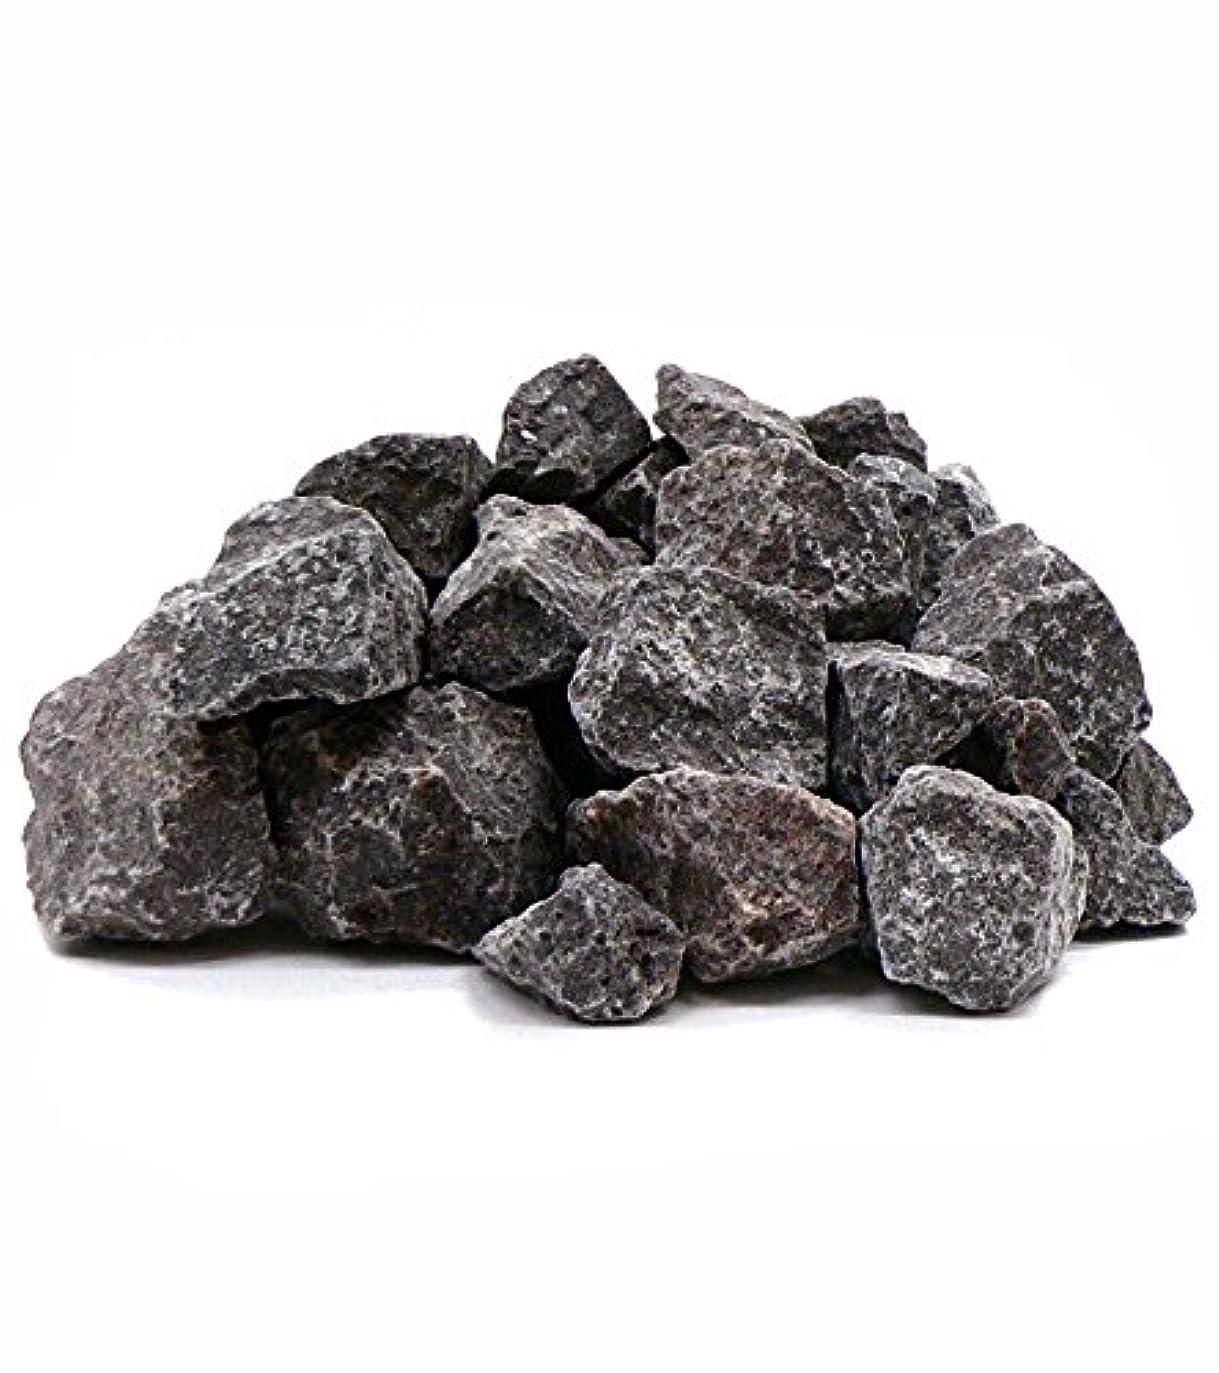 人柄習熟度世界記録のギネスブックヒマラヤ岩塩 ブラックソルト 入浴用 バスソルト(塊?ブロック)2kg 黒岩塩 ブラック岩塩